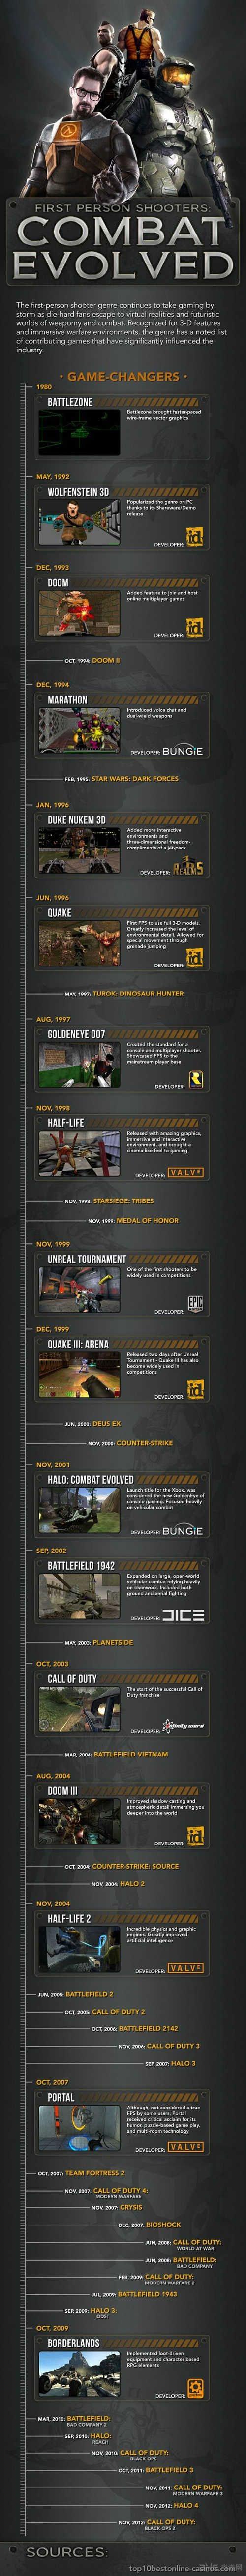 FPS游戏发展史